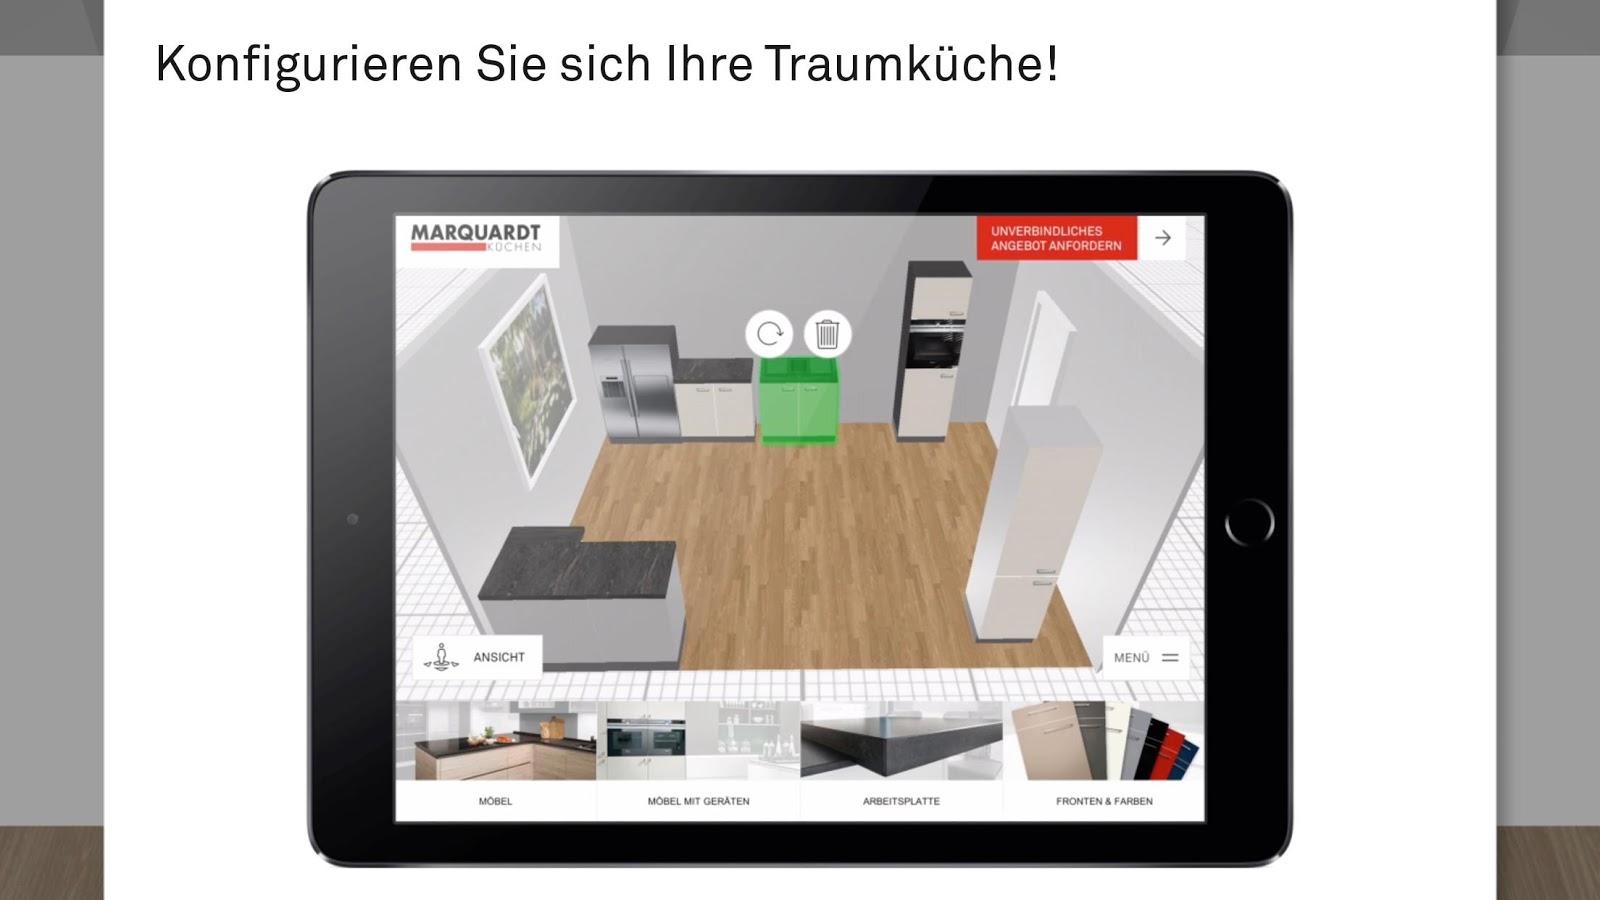 ikea küchenplaner download deutsch - micheng.us - micheng.us ... - Ikea Küchenplaner 3d